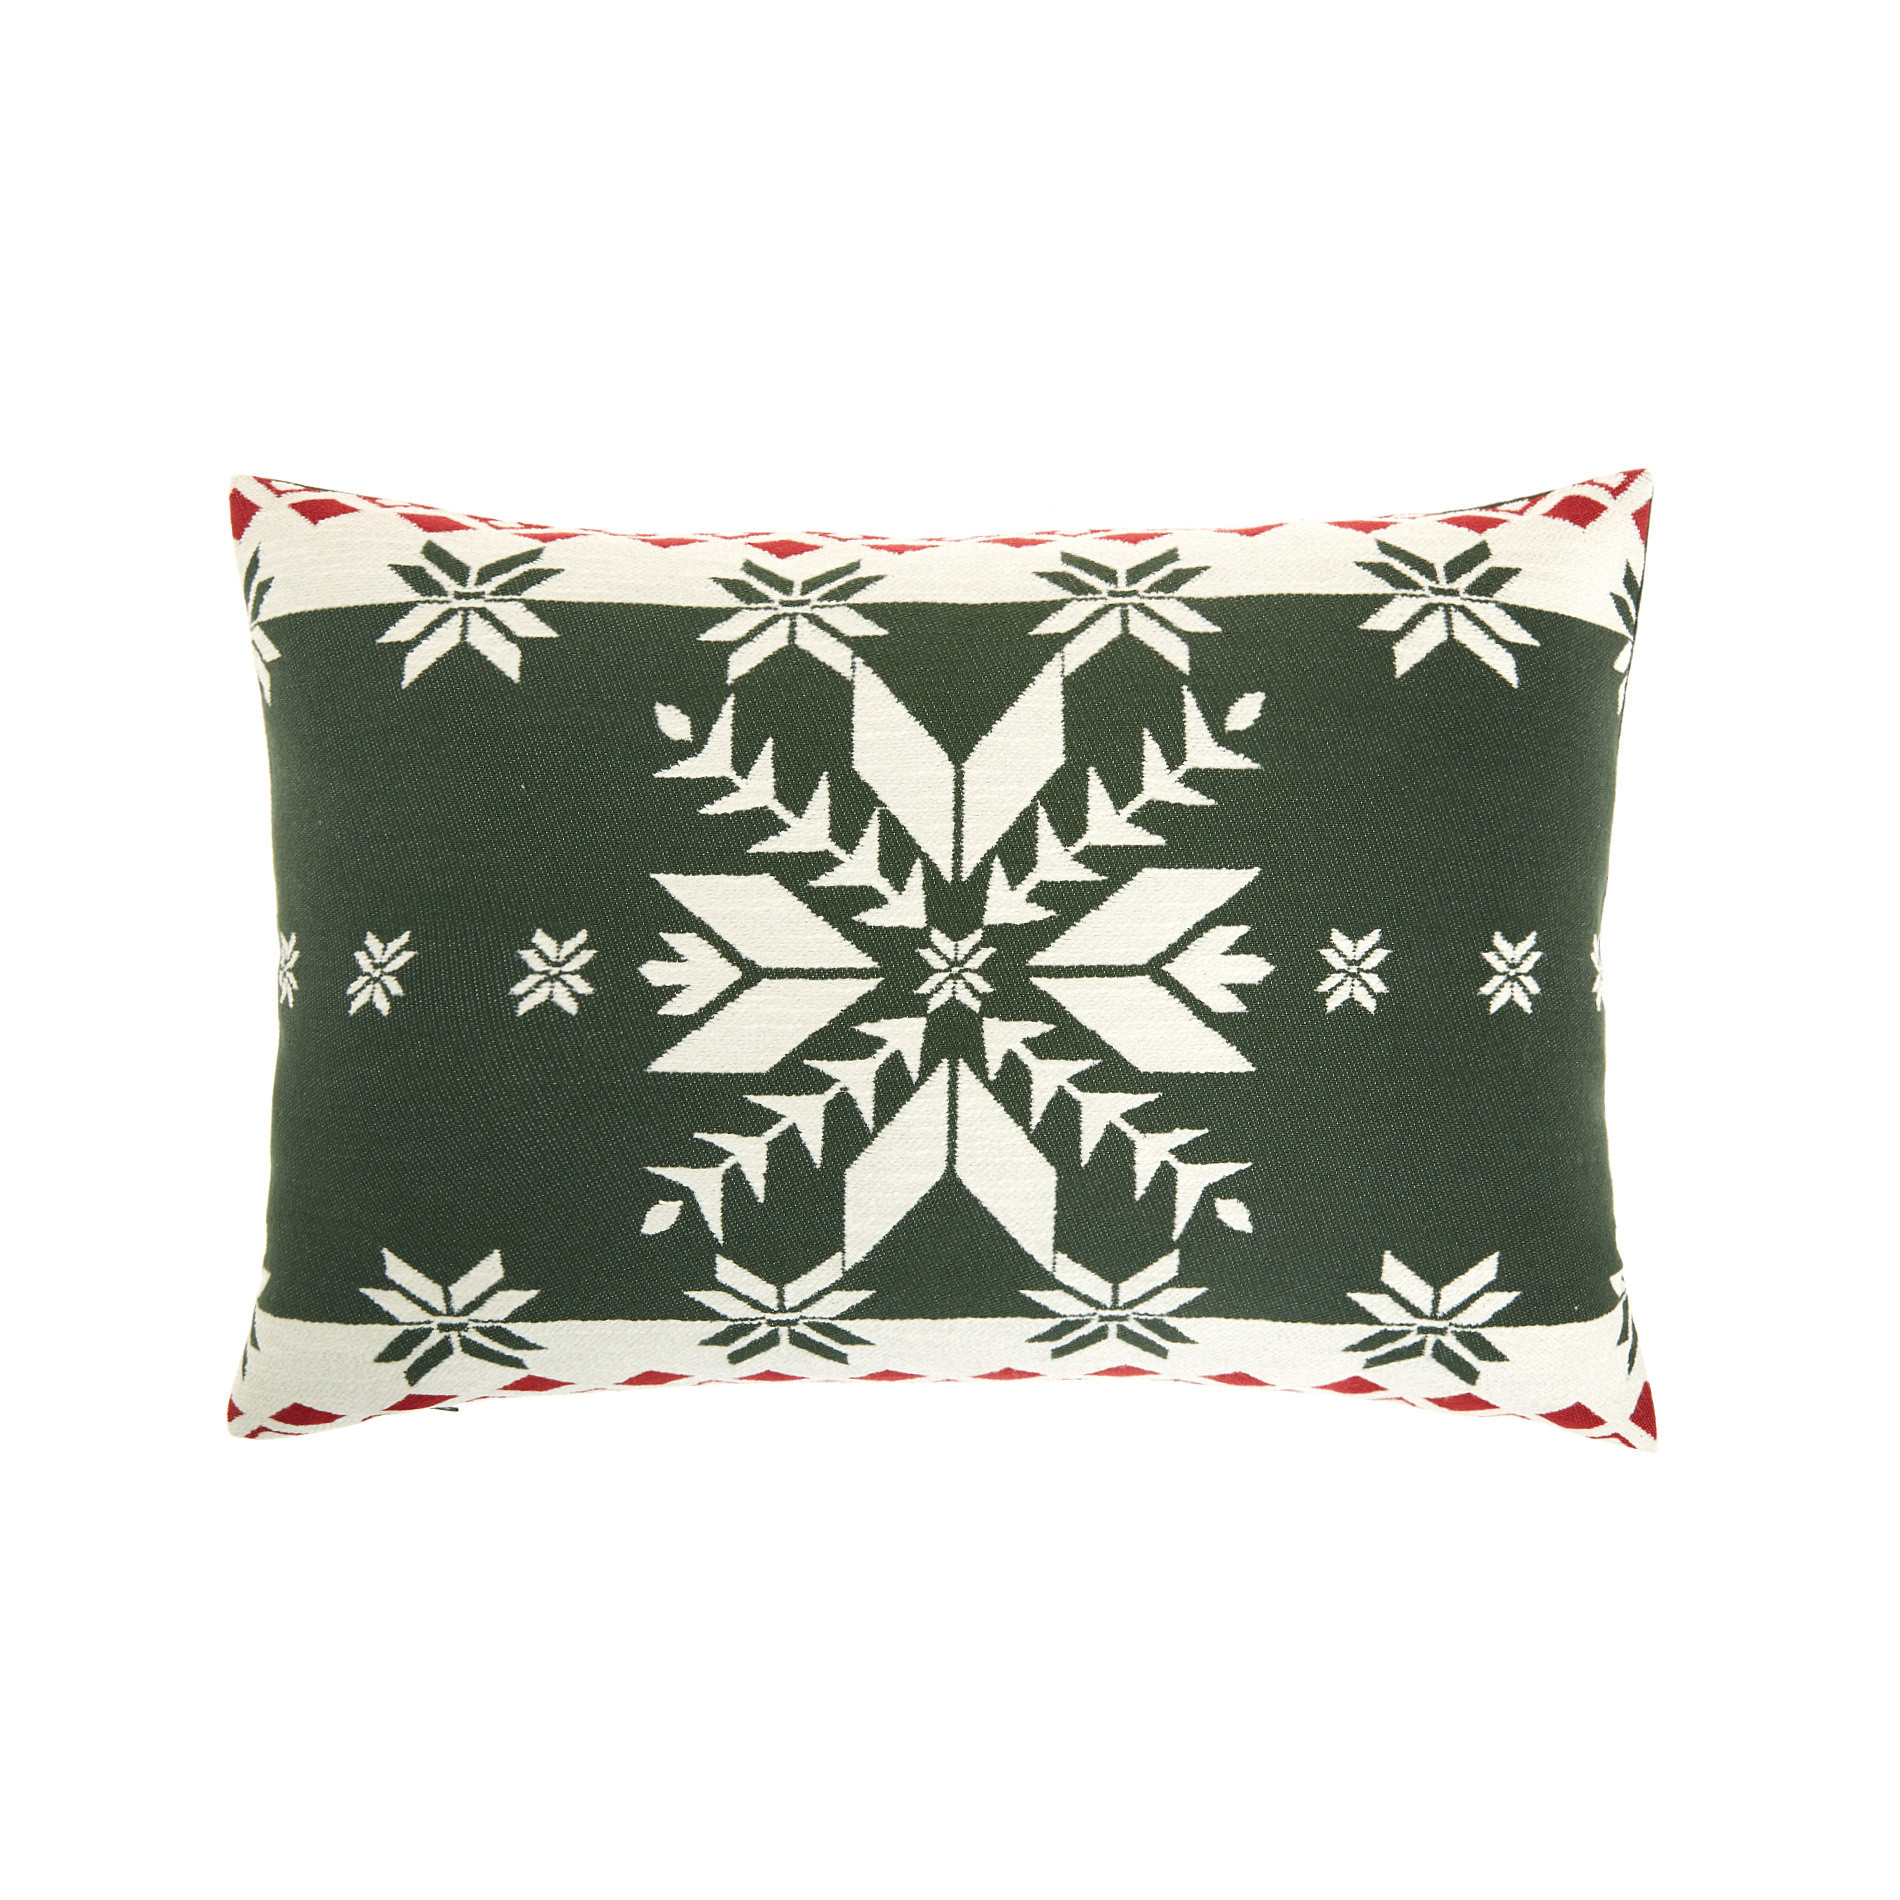 Cuscino jacquard motivo natalizio 35x55cm, Verde scuro, large image number 0